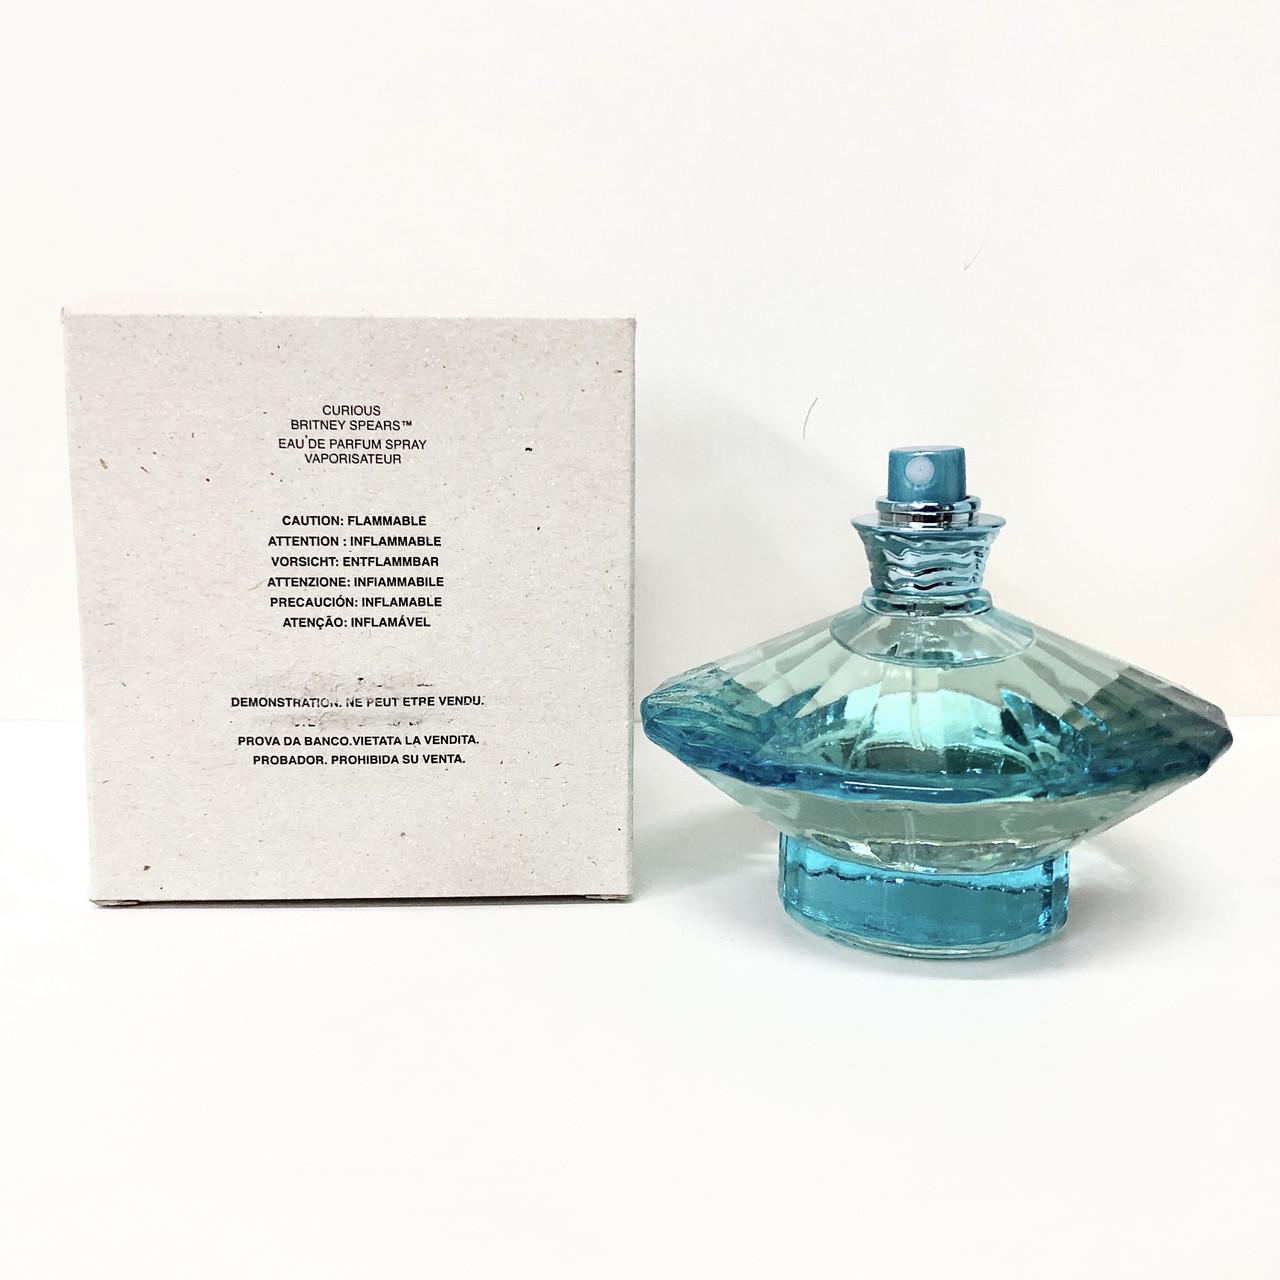 Оригінальний жіночий парфум BRITNEY SPEARS Curious 100ml парфумована вода ТЕСТЕР, ніжний квітковий аромат